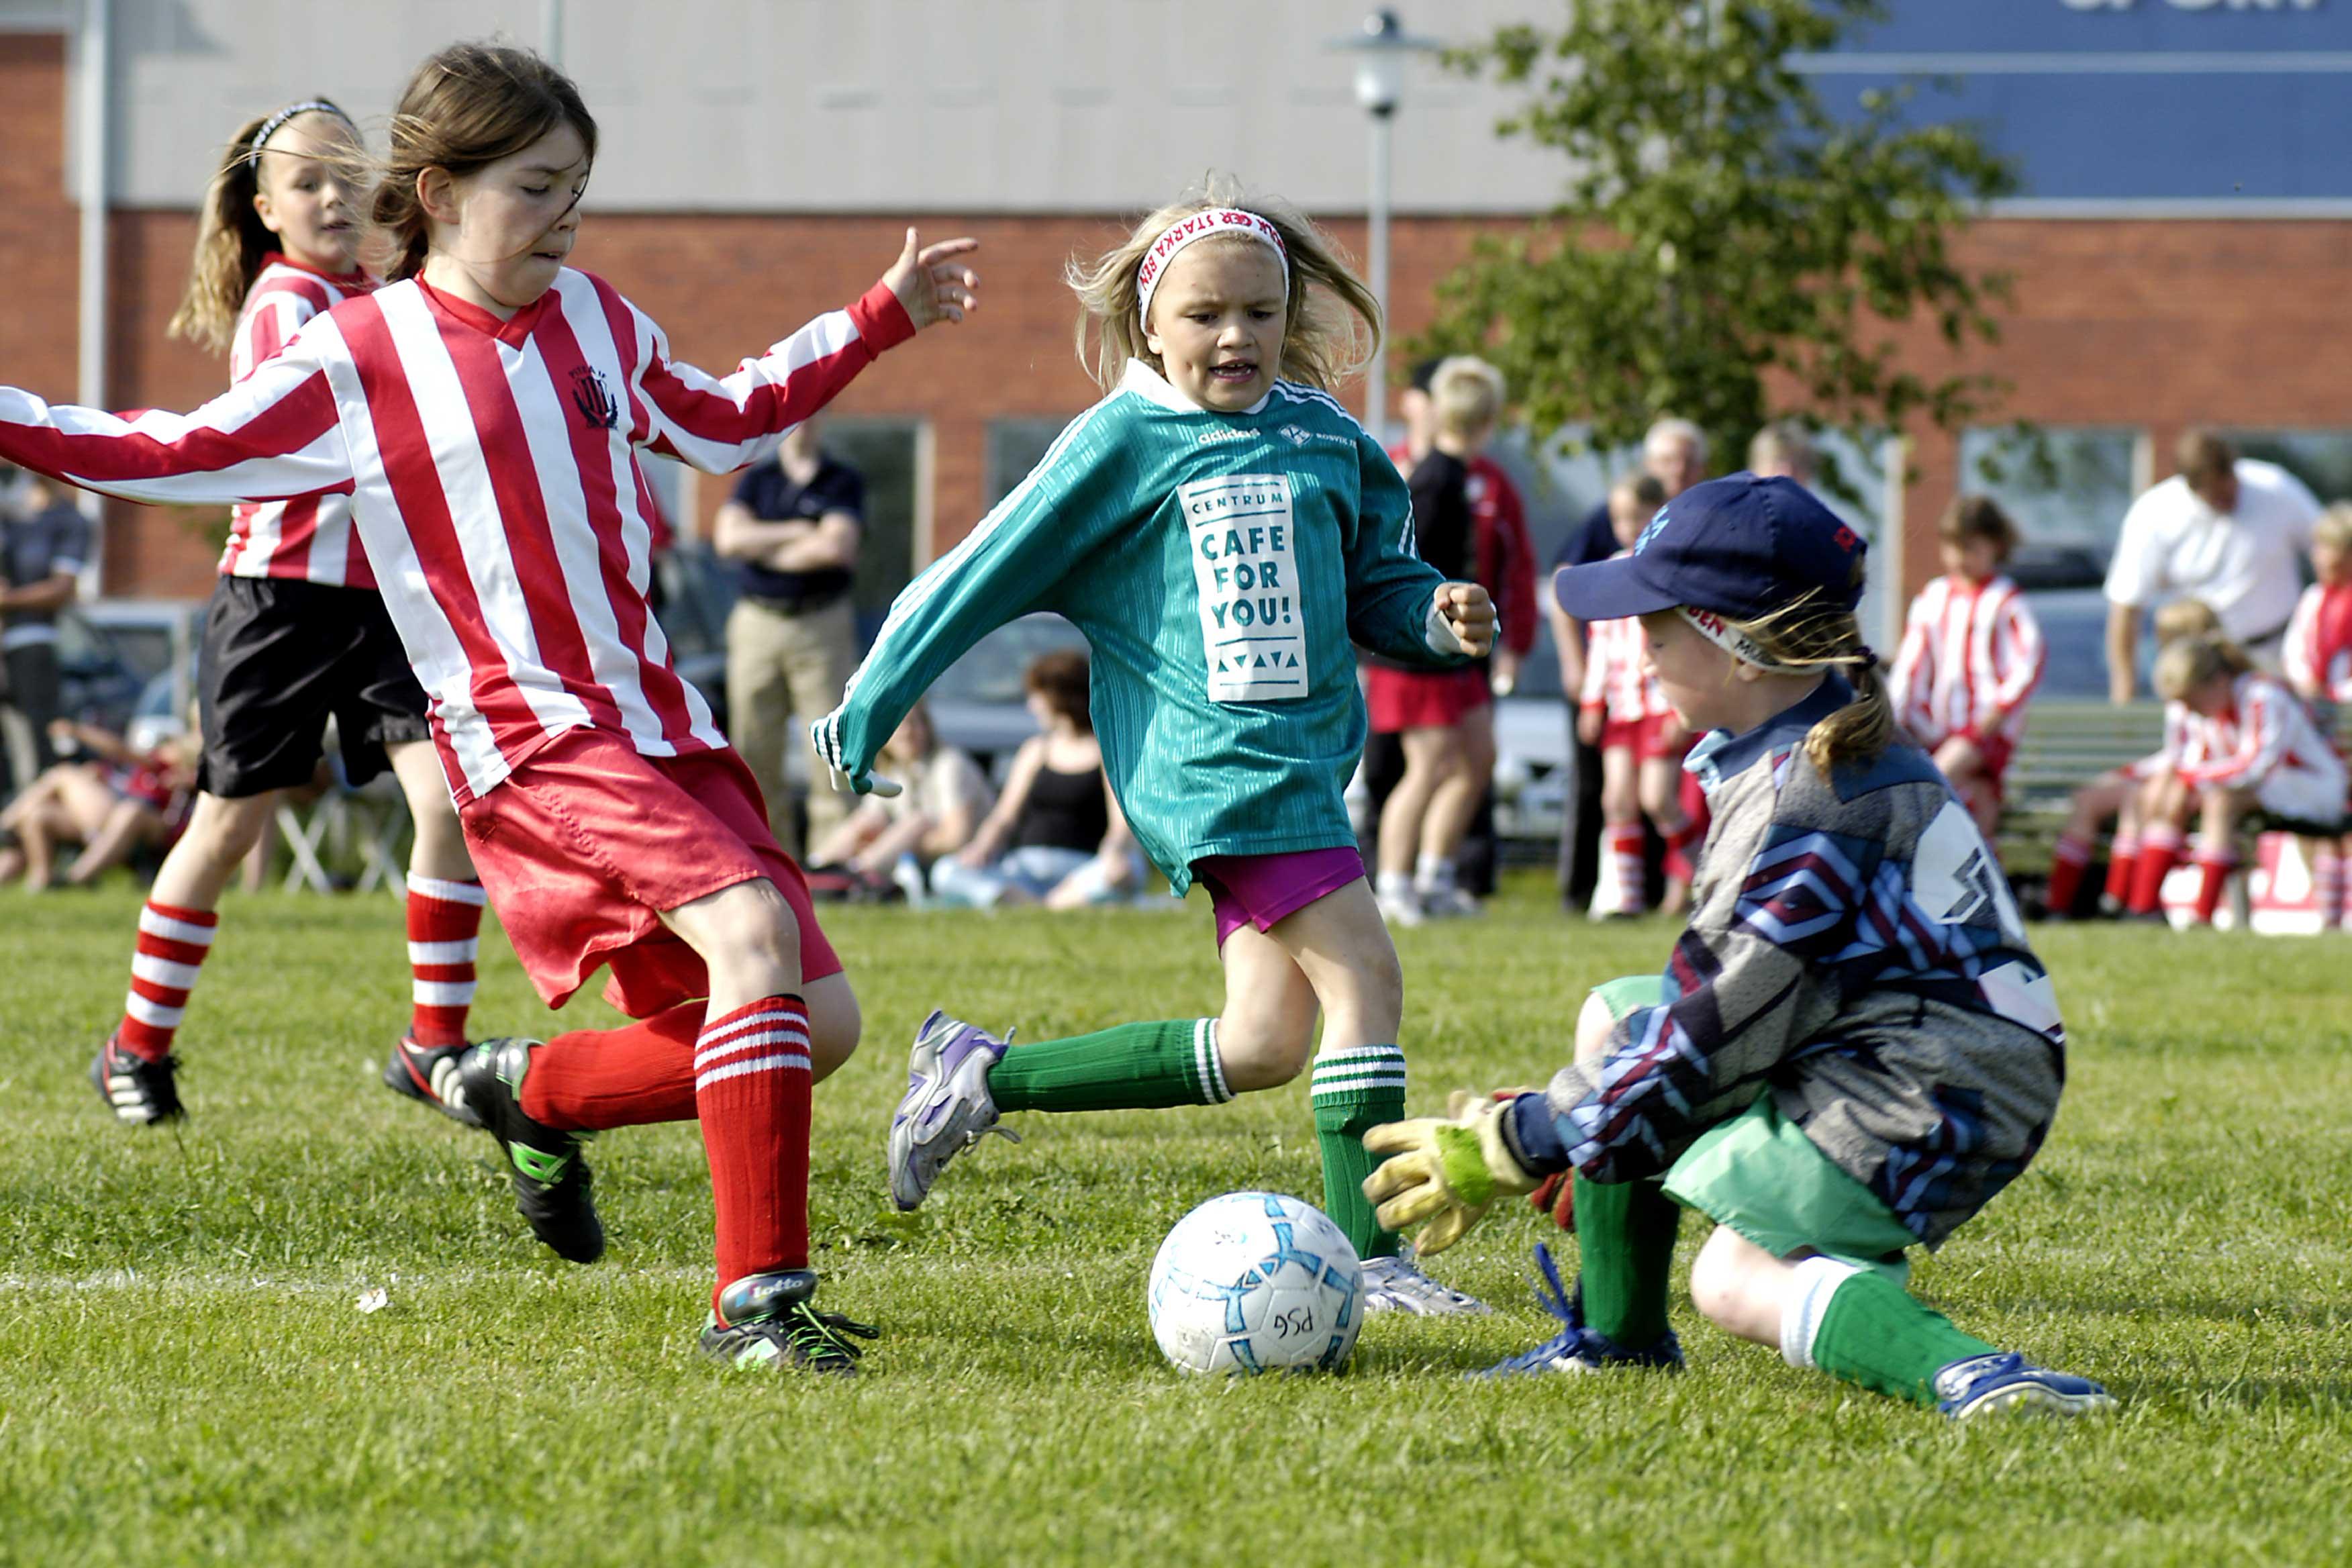 Match Summer Games tjejer